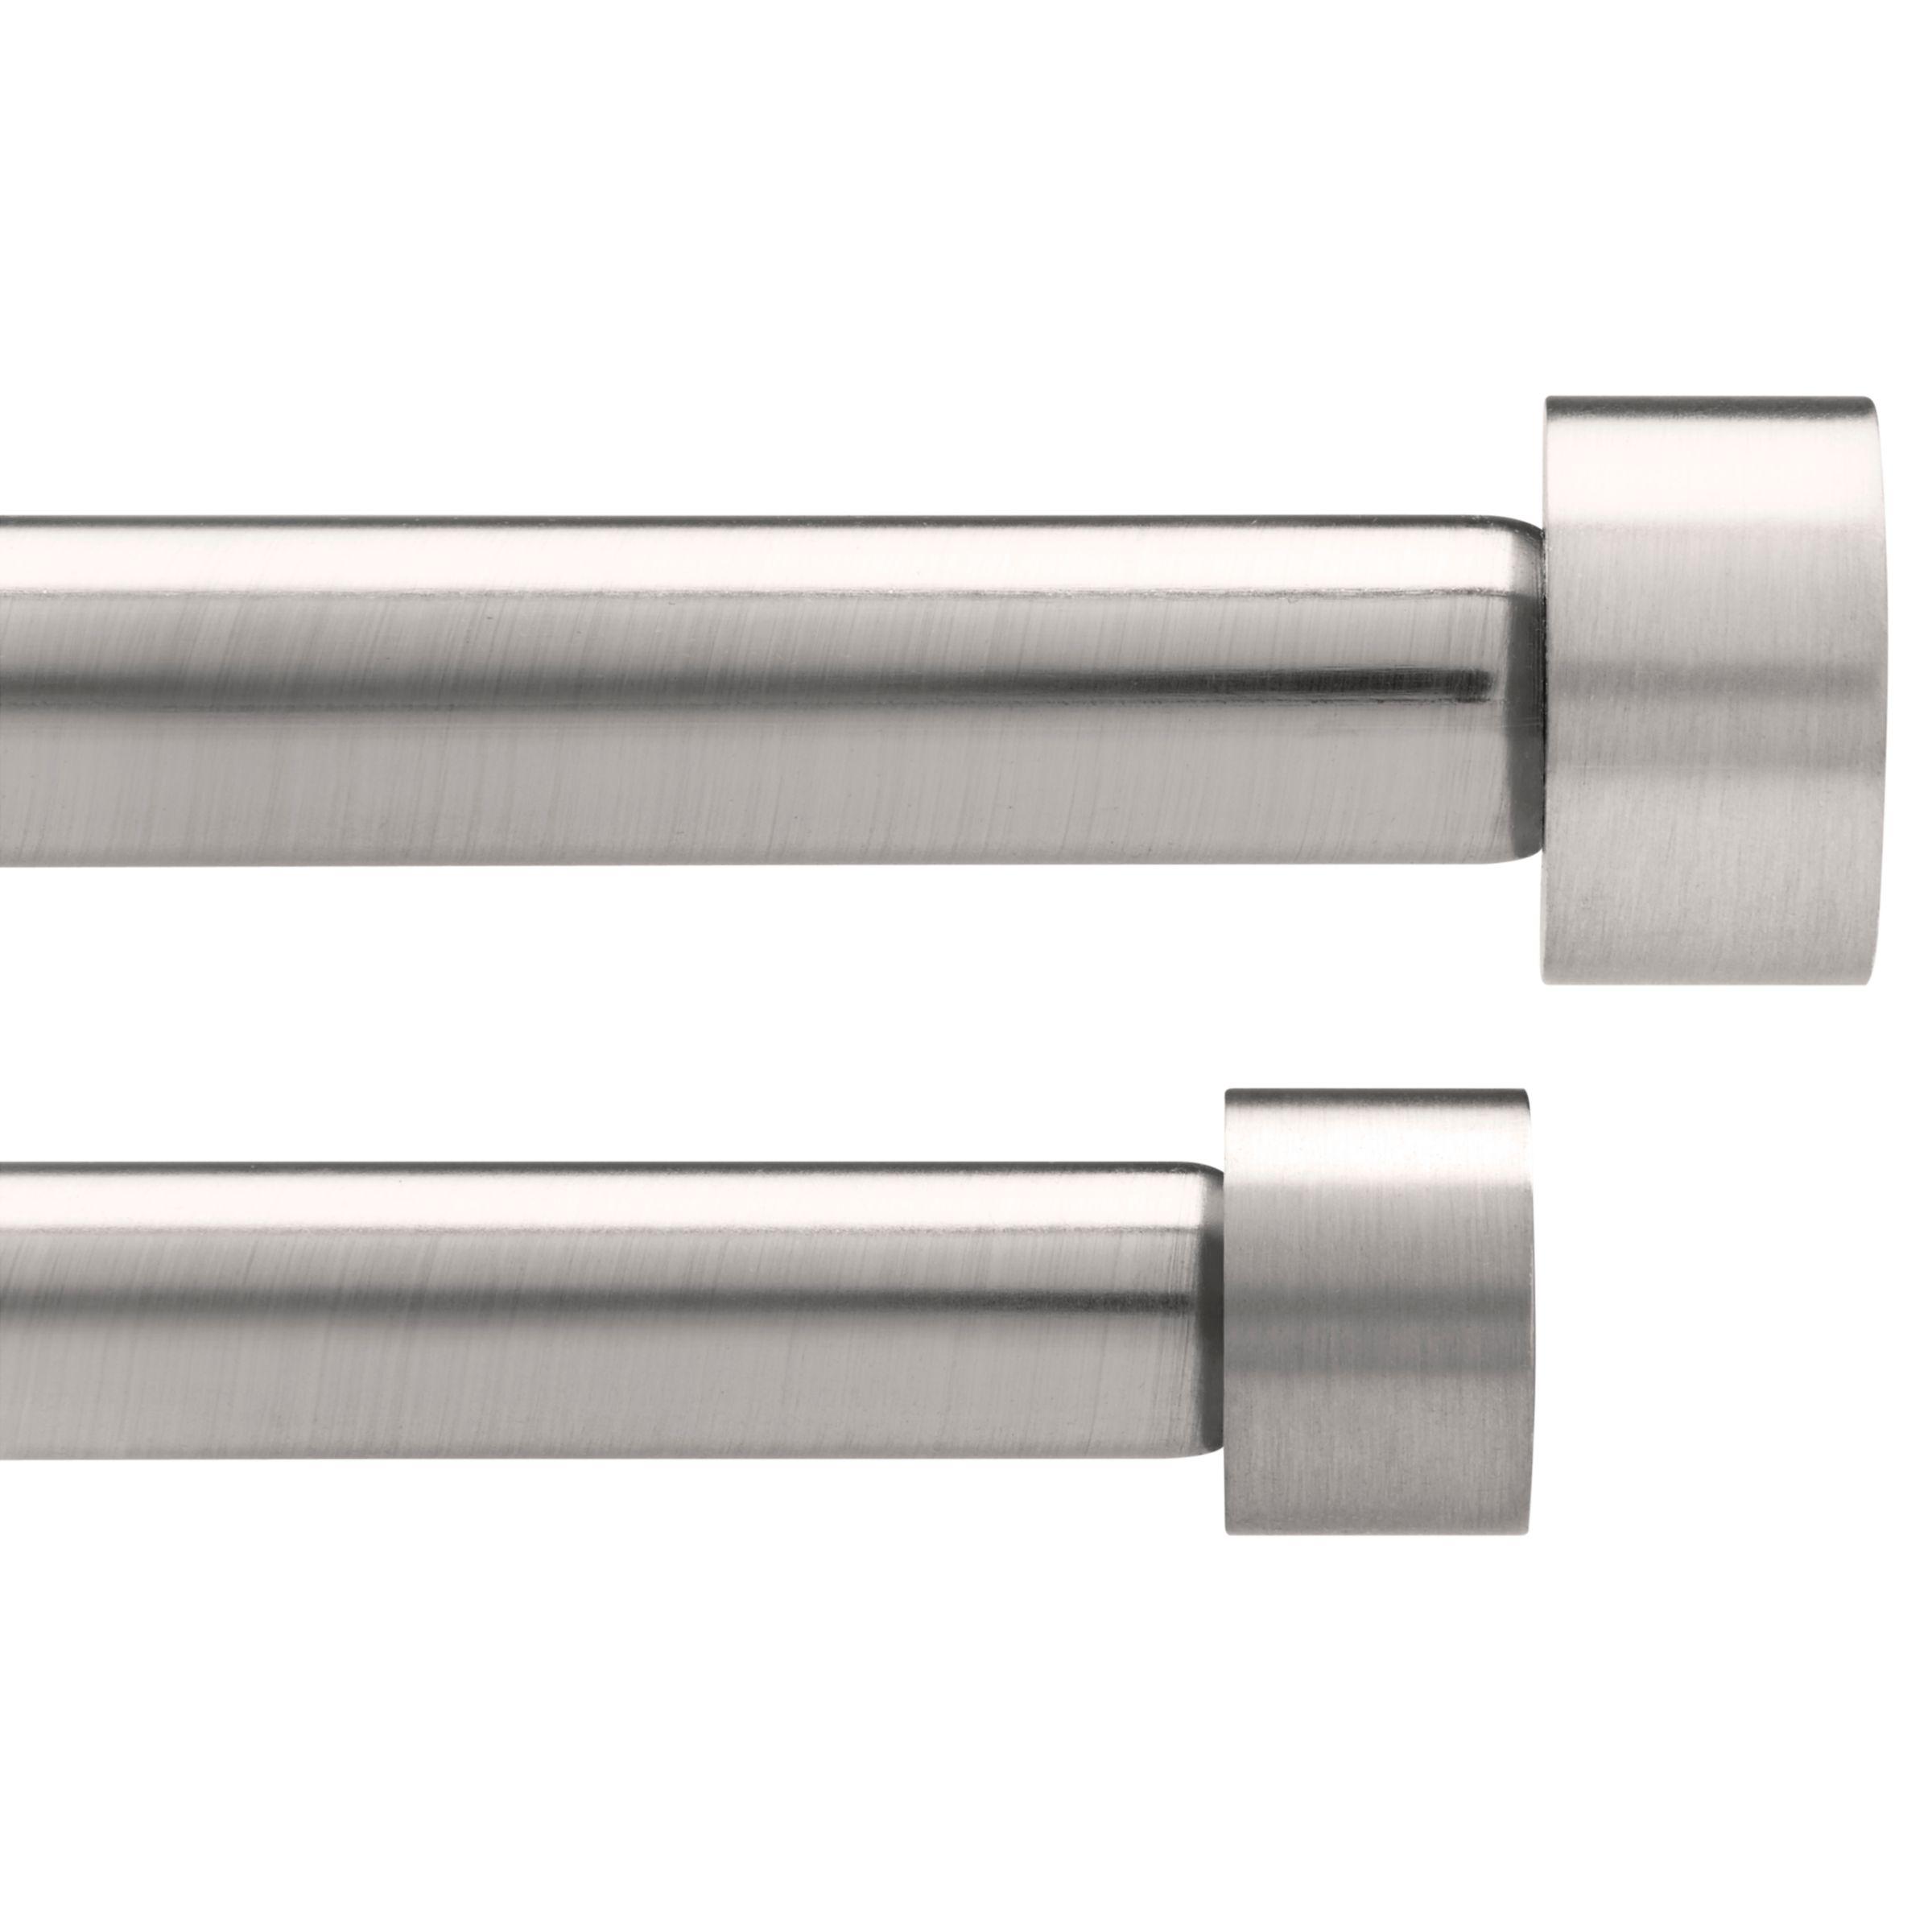 Umbra Umbra Adjustable Double Curtain Pole Kit, Nickel, Dia.16/19mm